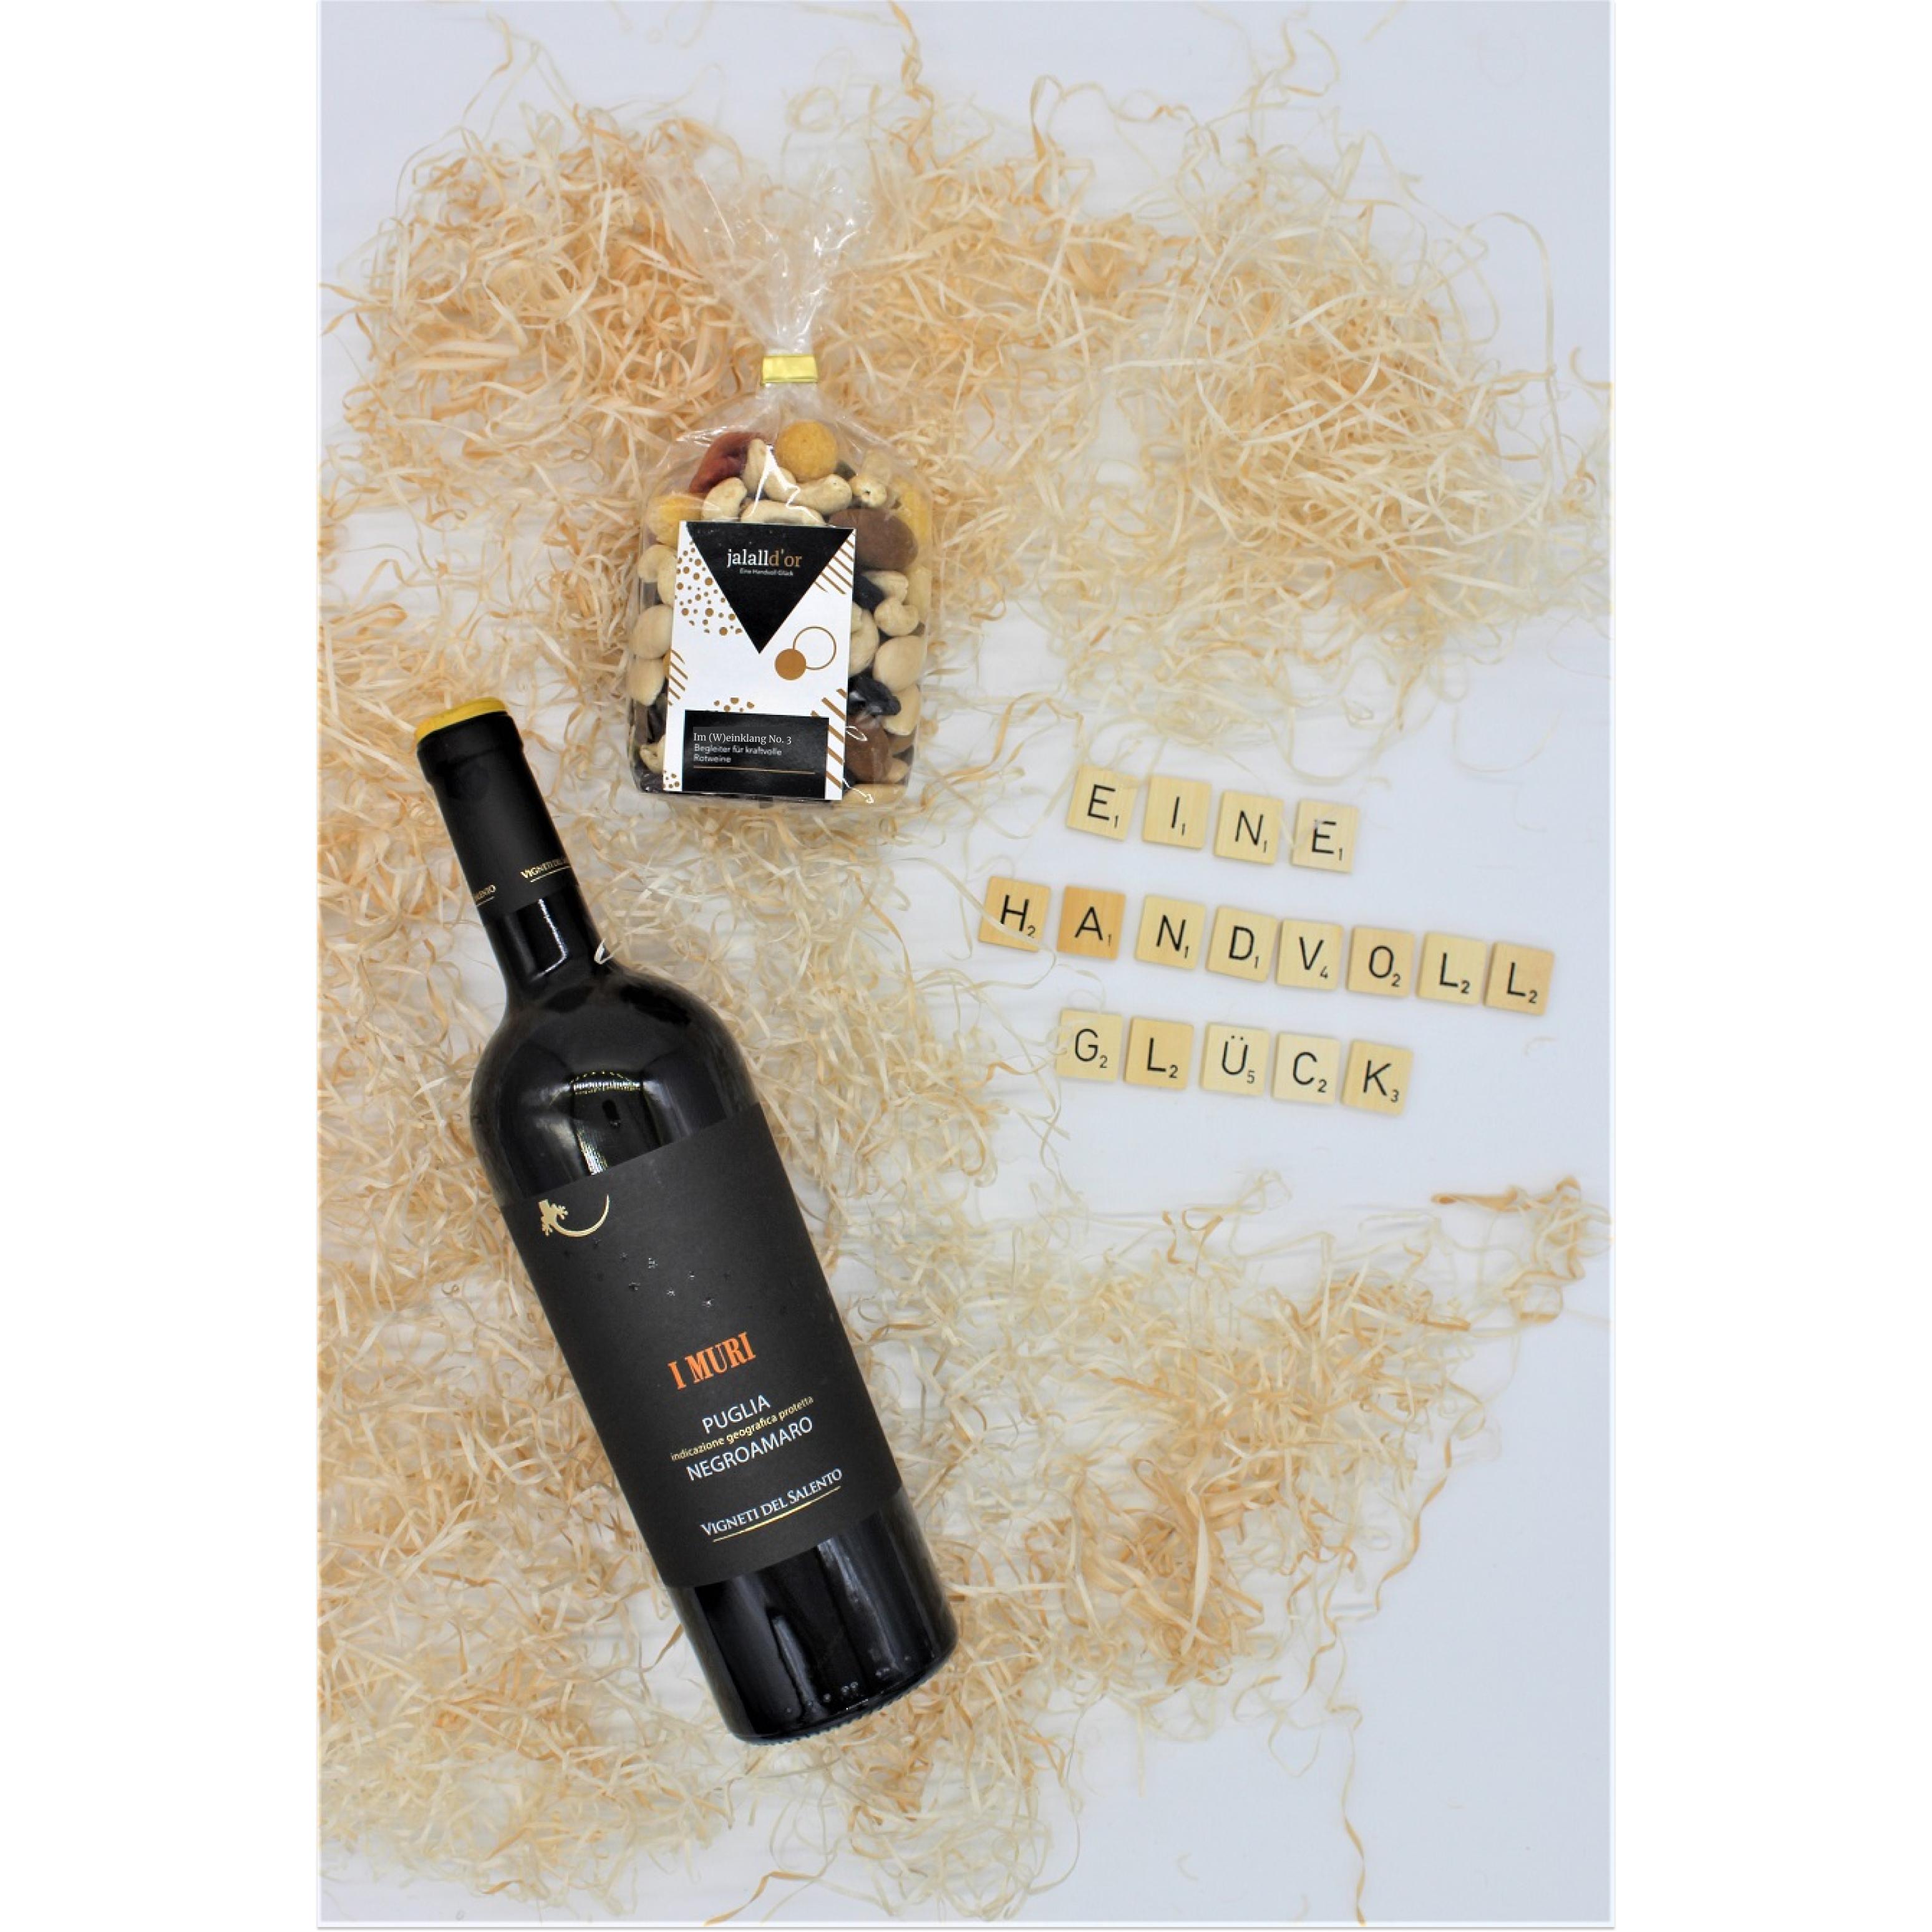 Wein-Geschenk No.3